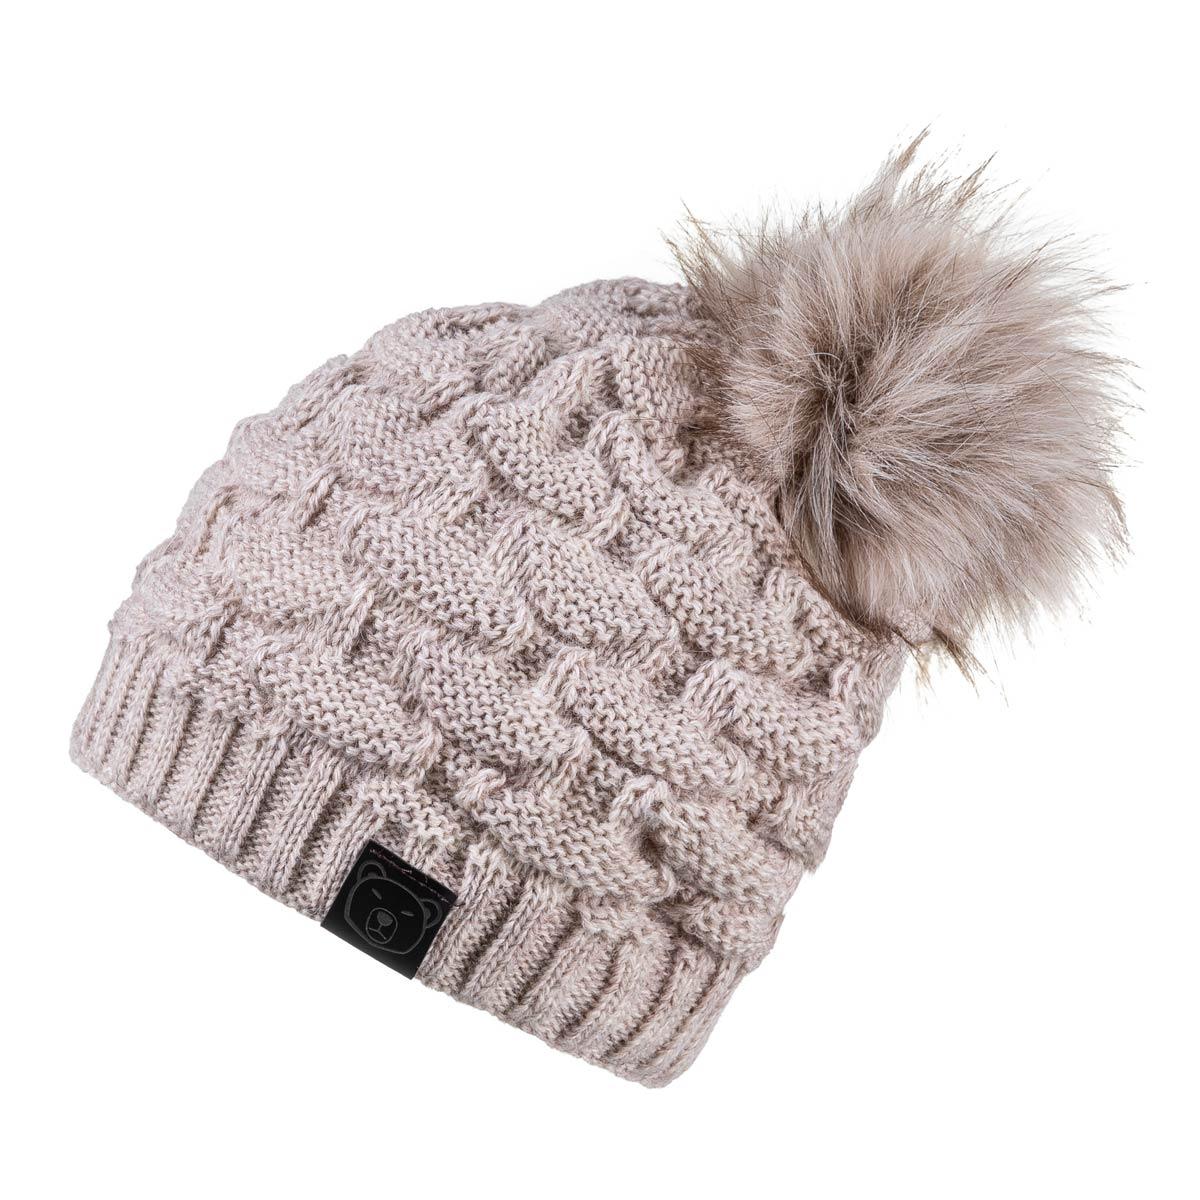 CP-01597_F12-1--_Bonnet-hiver-femme-beige